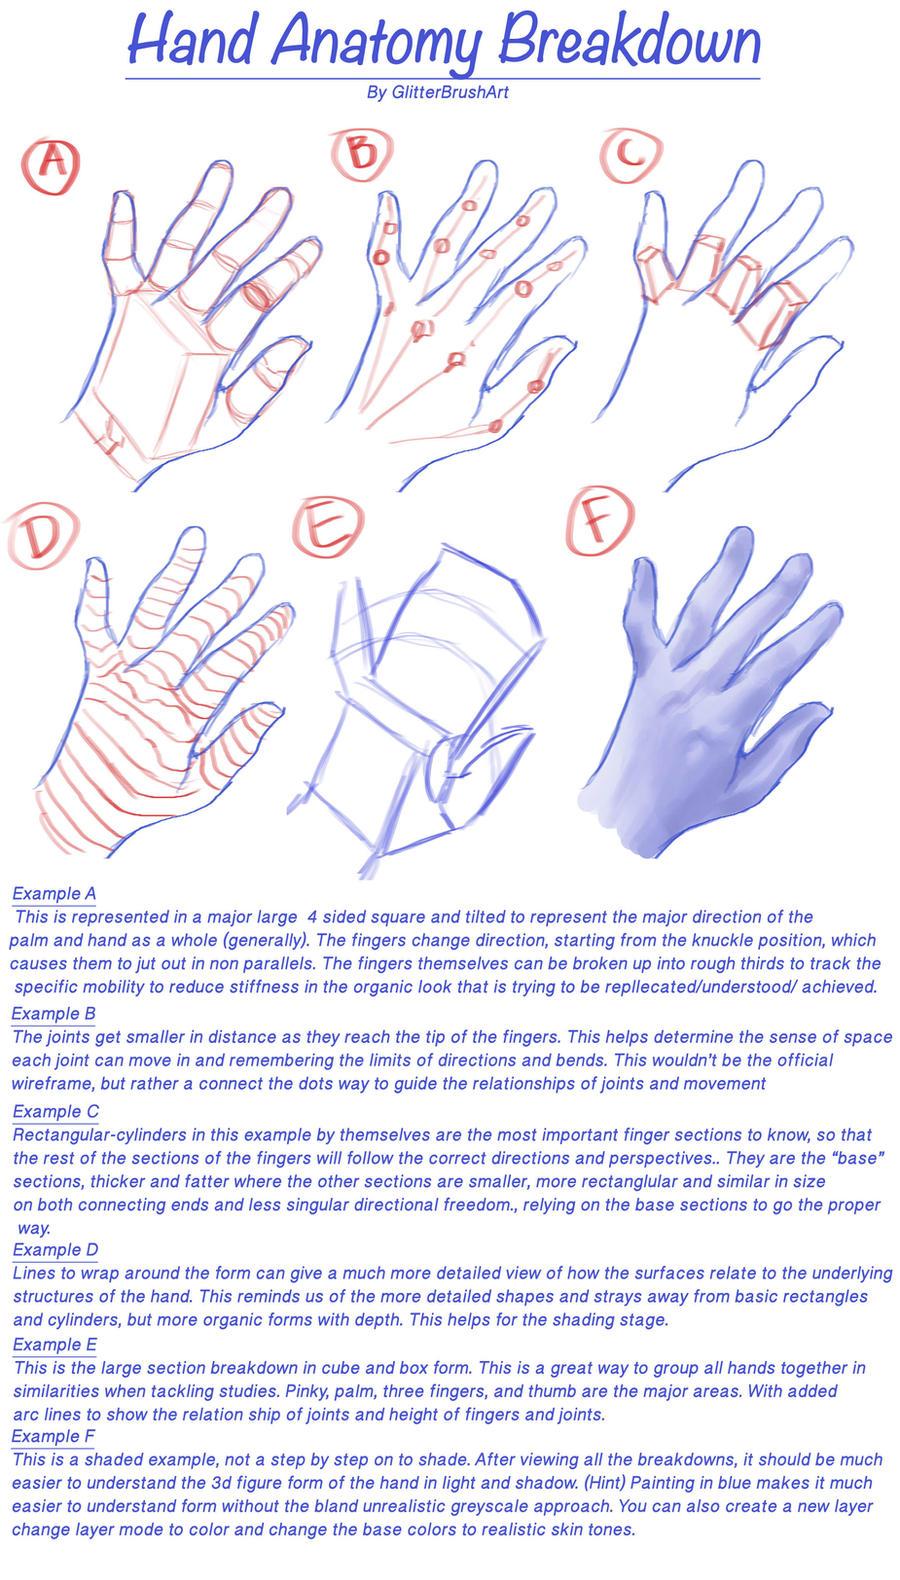 Hand Anatomy Breakdown by AshantiArt on DeviantArt